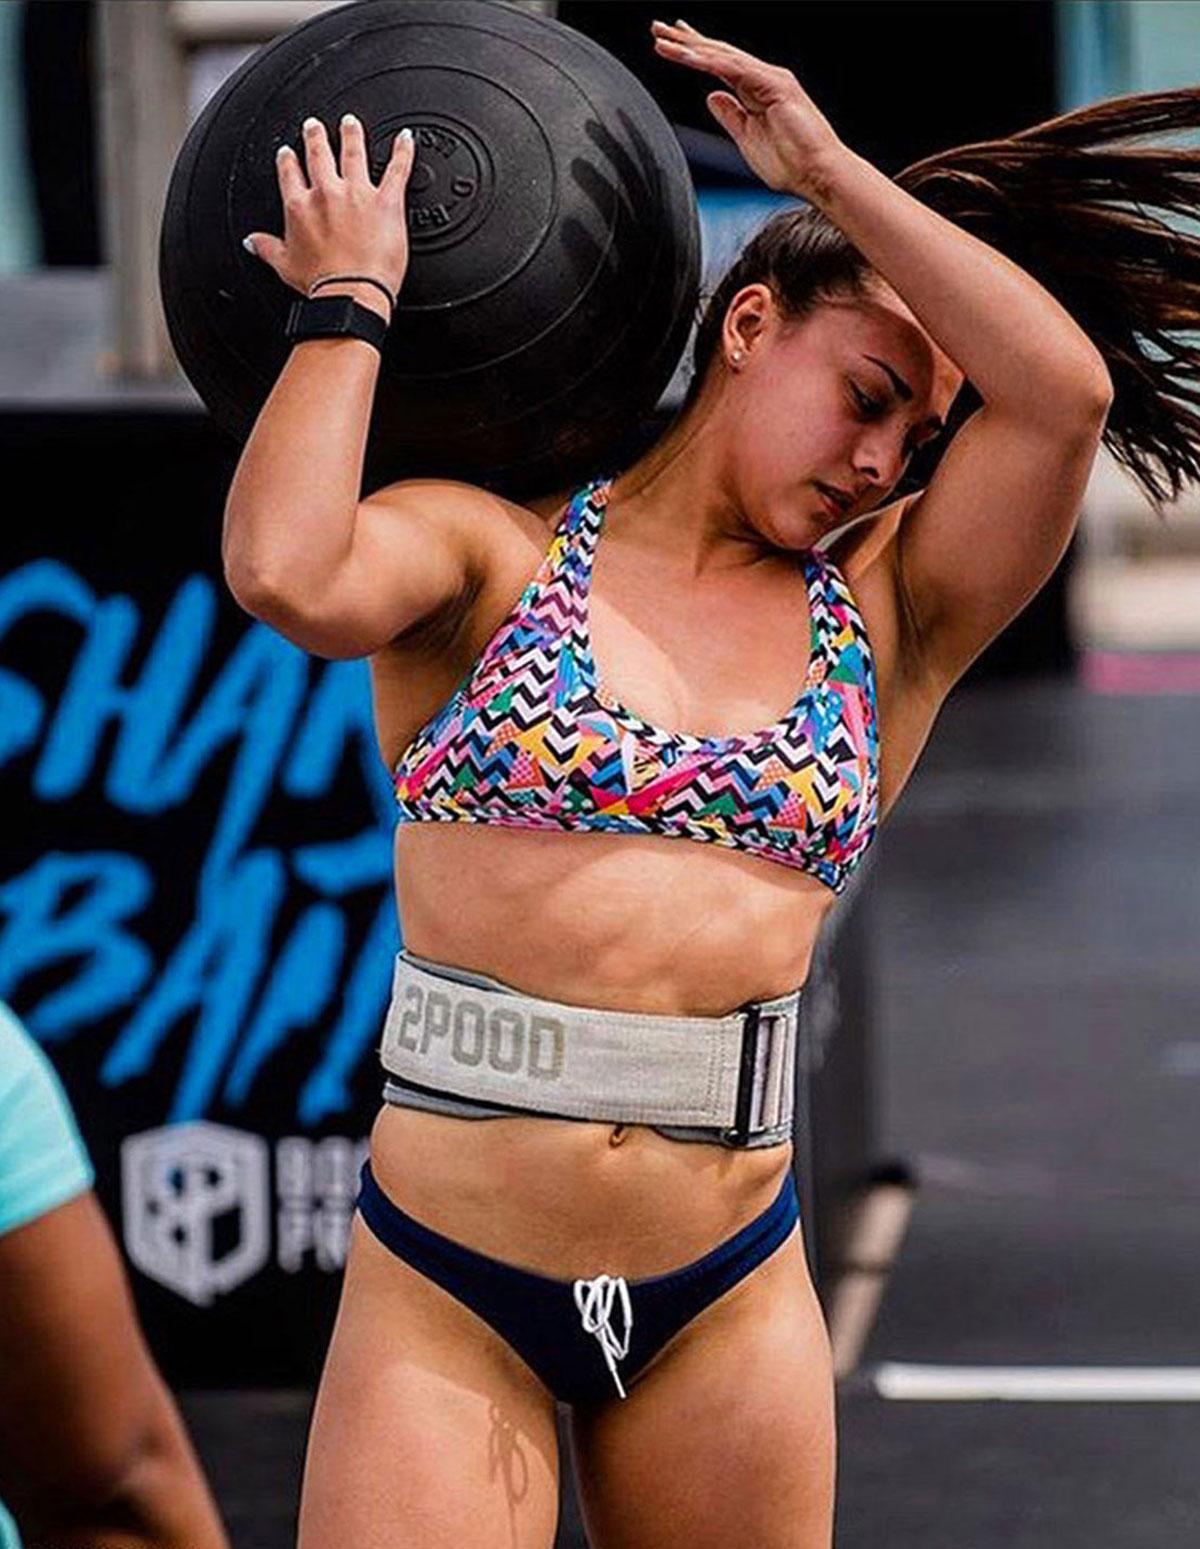 Tessa Marquette